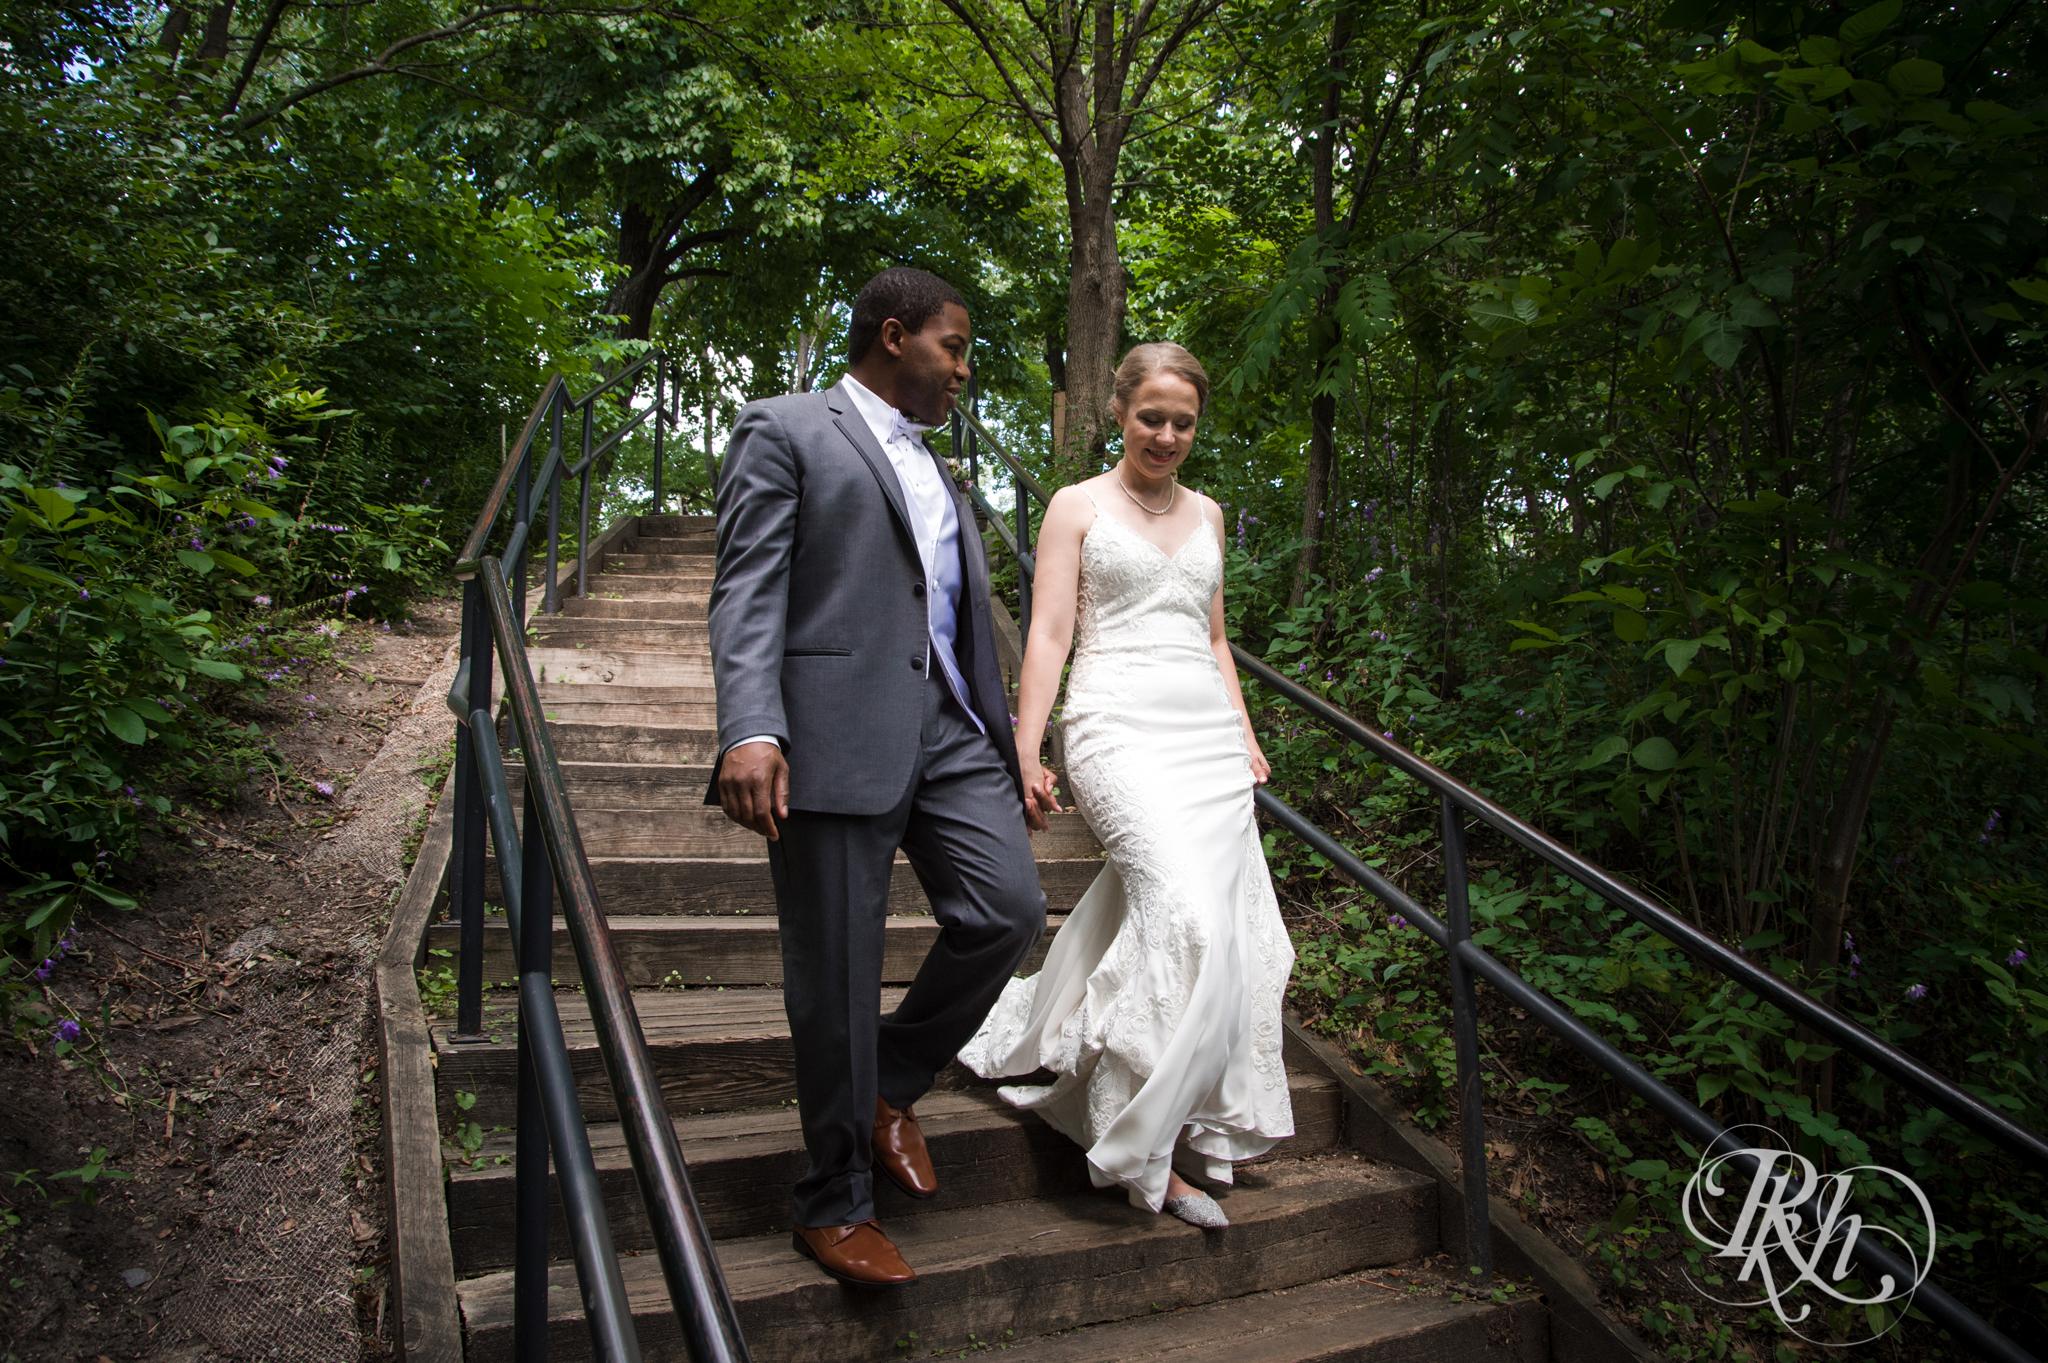 Laura and Adekunle - Minnesota Wedding Photographer - Minnesota History Center - RKH Images - Blog (38 of 75).jpg